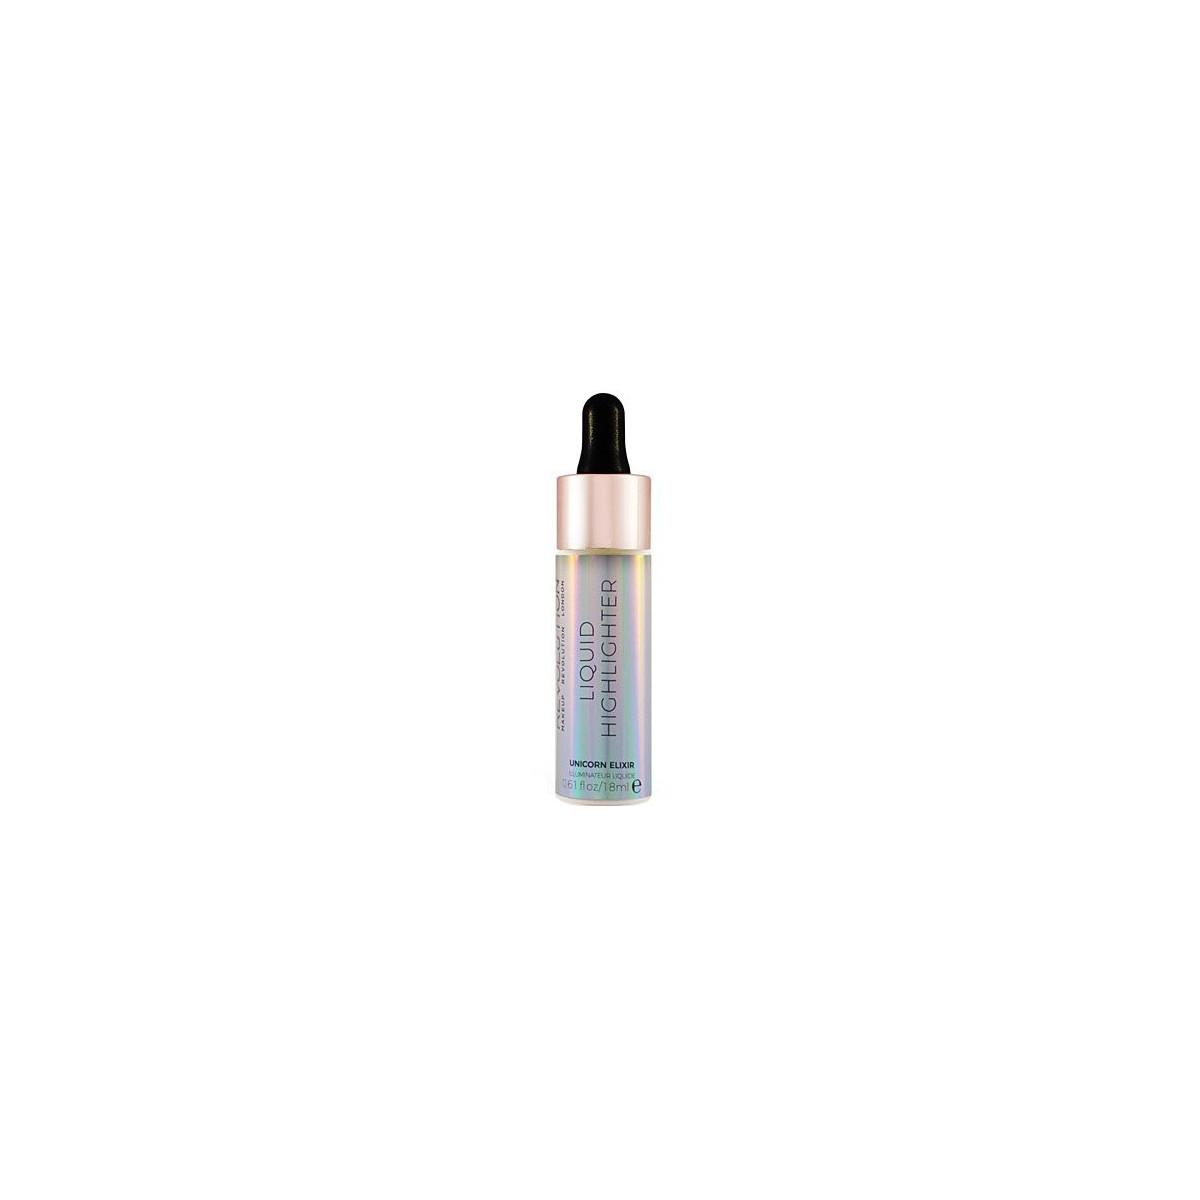 Makeup Revolution Liquid Highlighter Unicorn Elixir, rozświetlacz w płynie 18ml